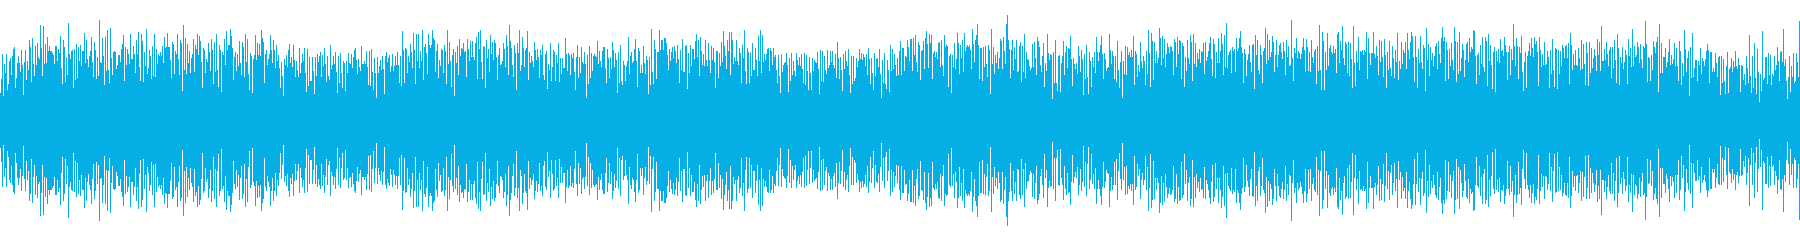 ポップで小粋なテクノミュージックの再生済みの波形